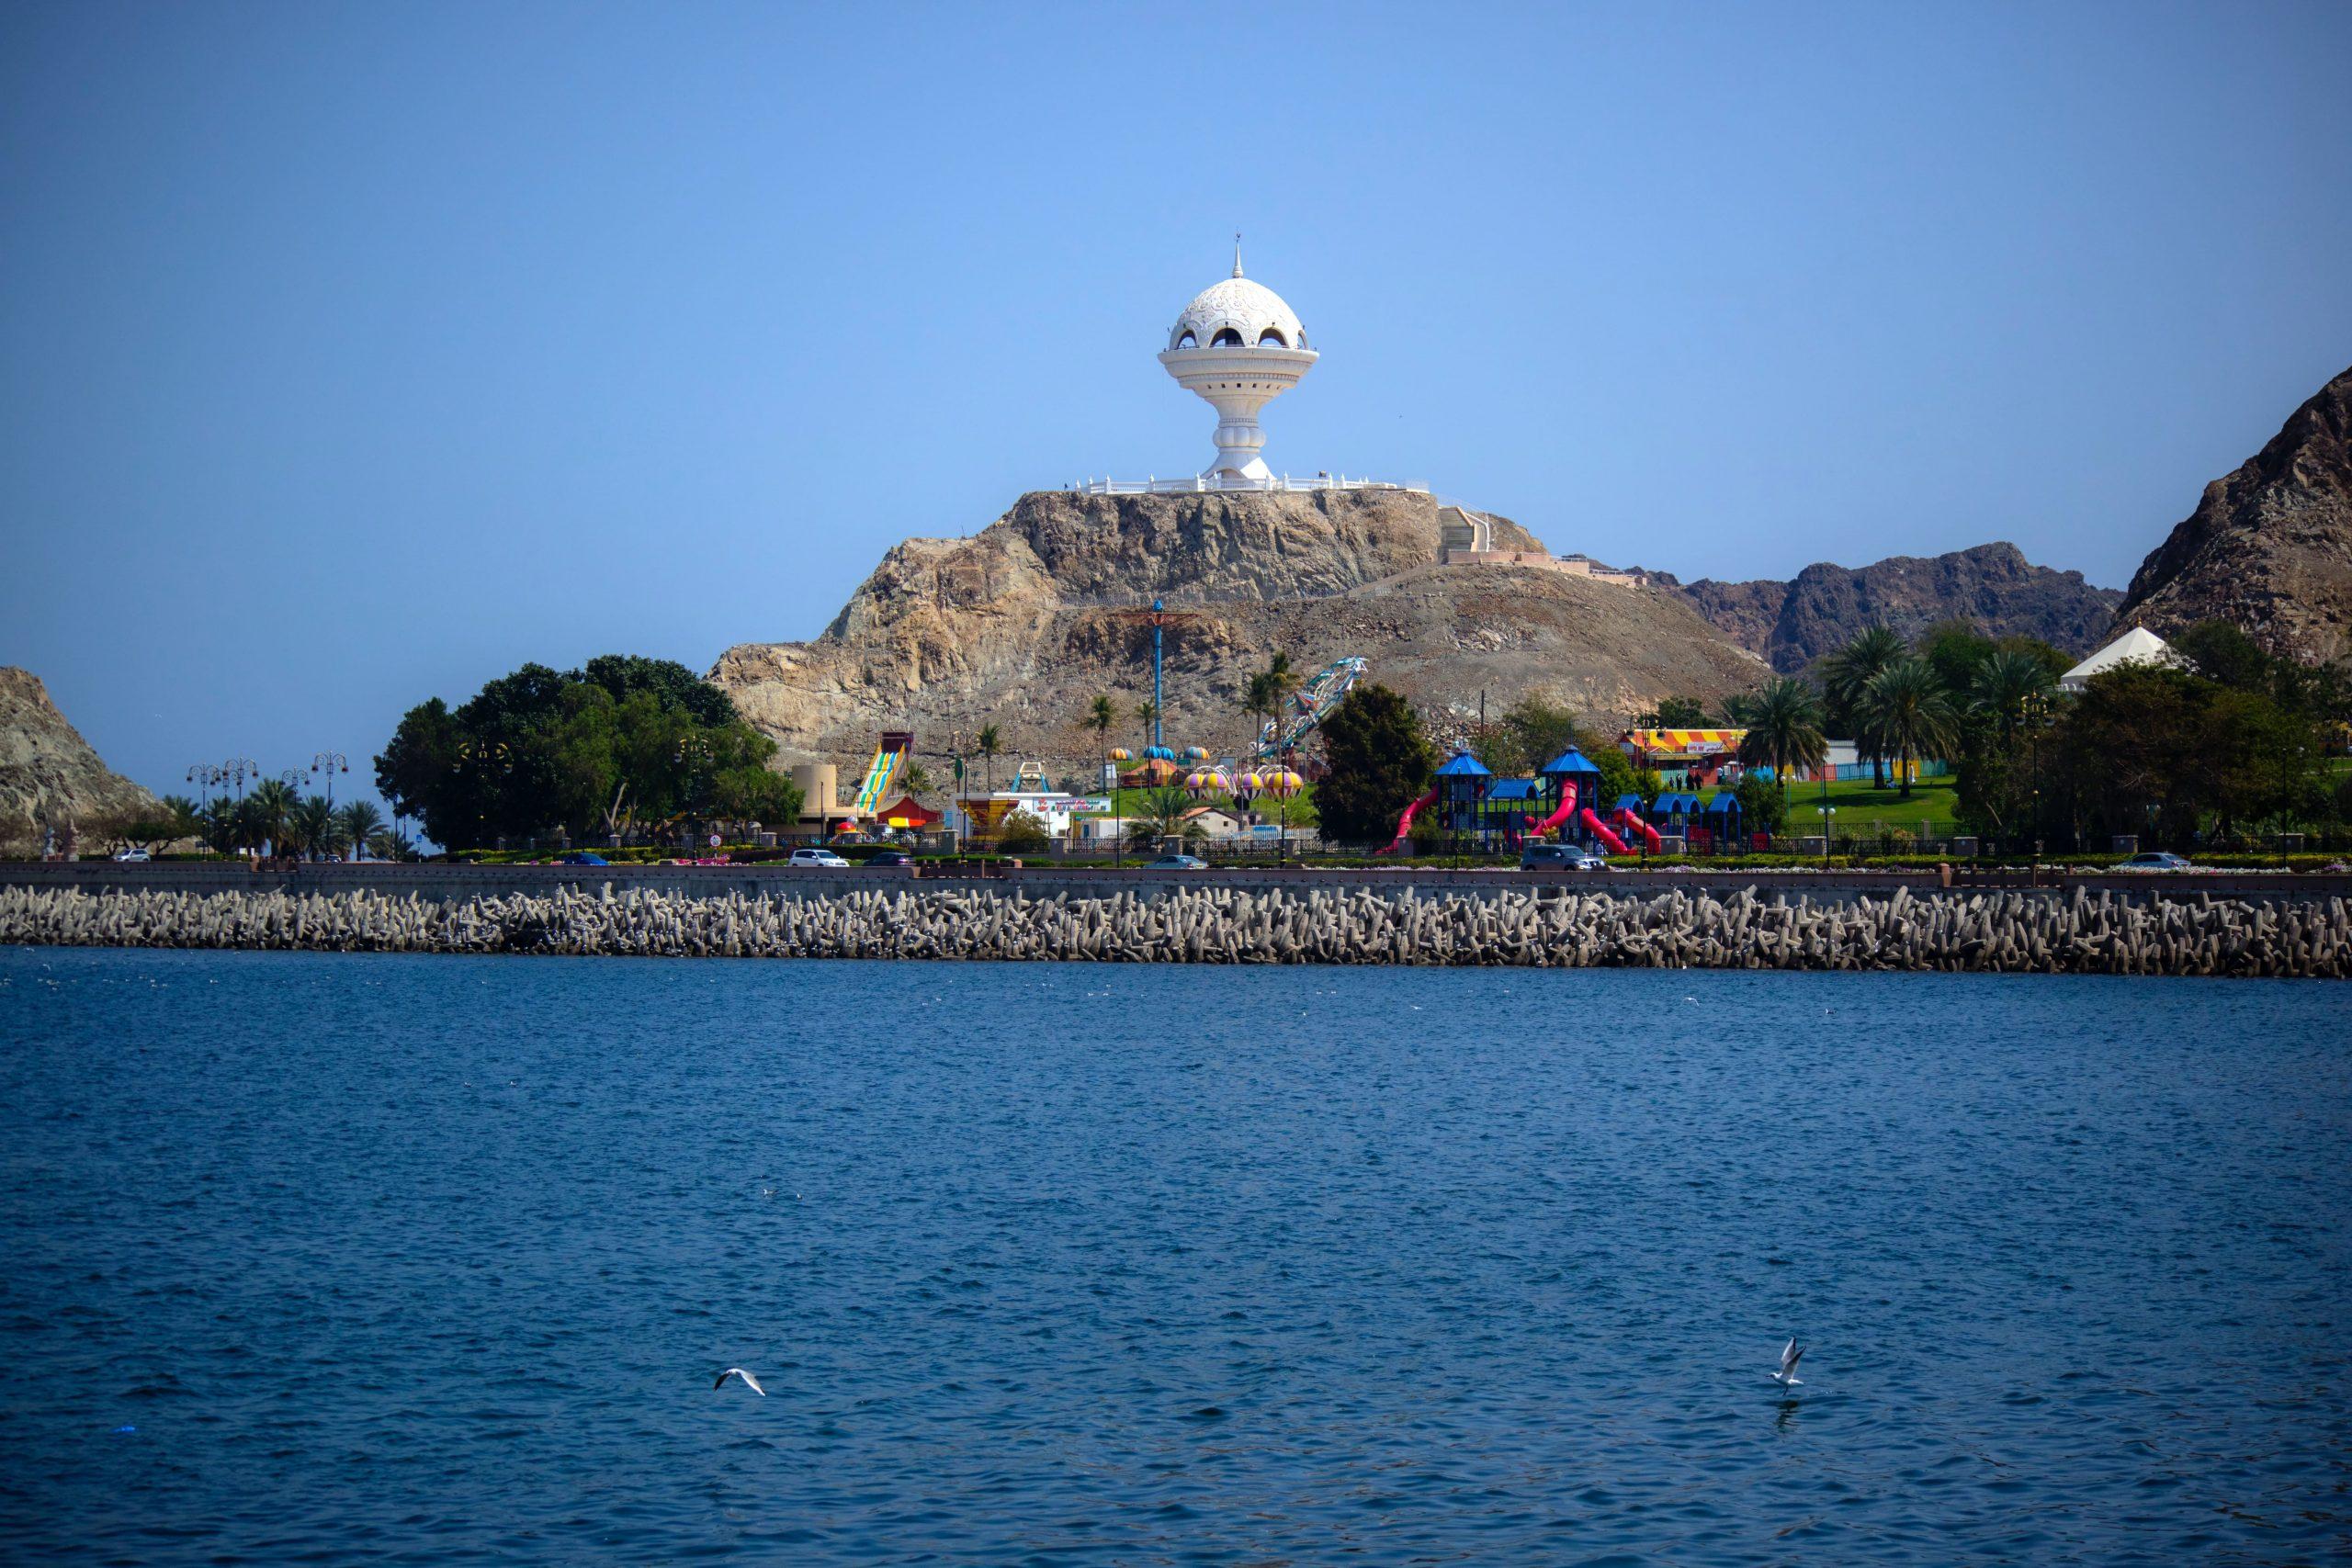 نمای دور از مجسمه کندرسوز عمان